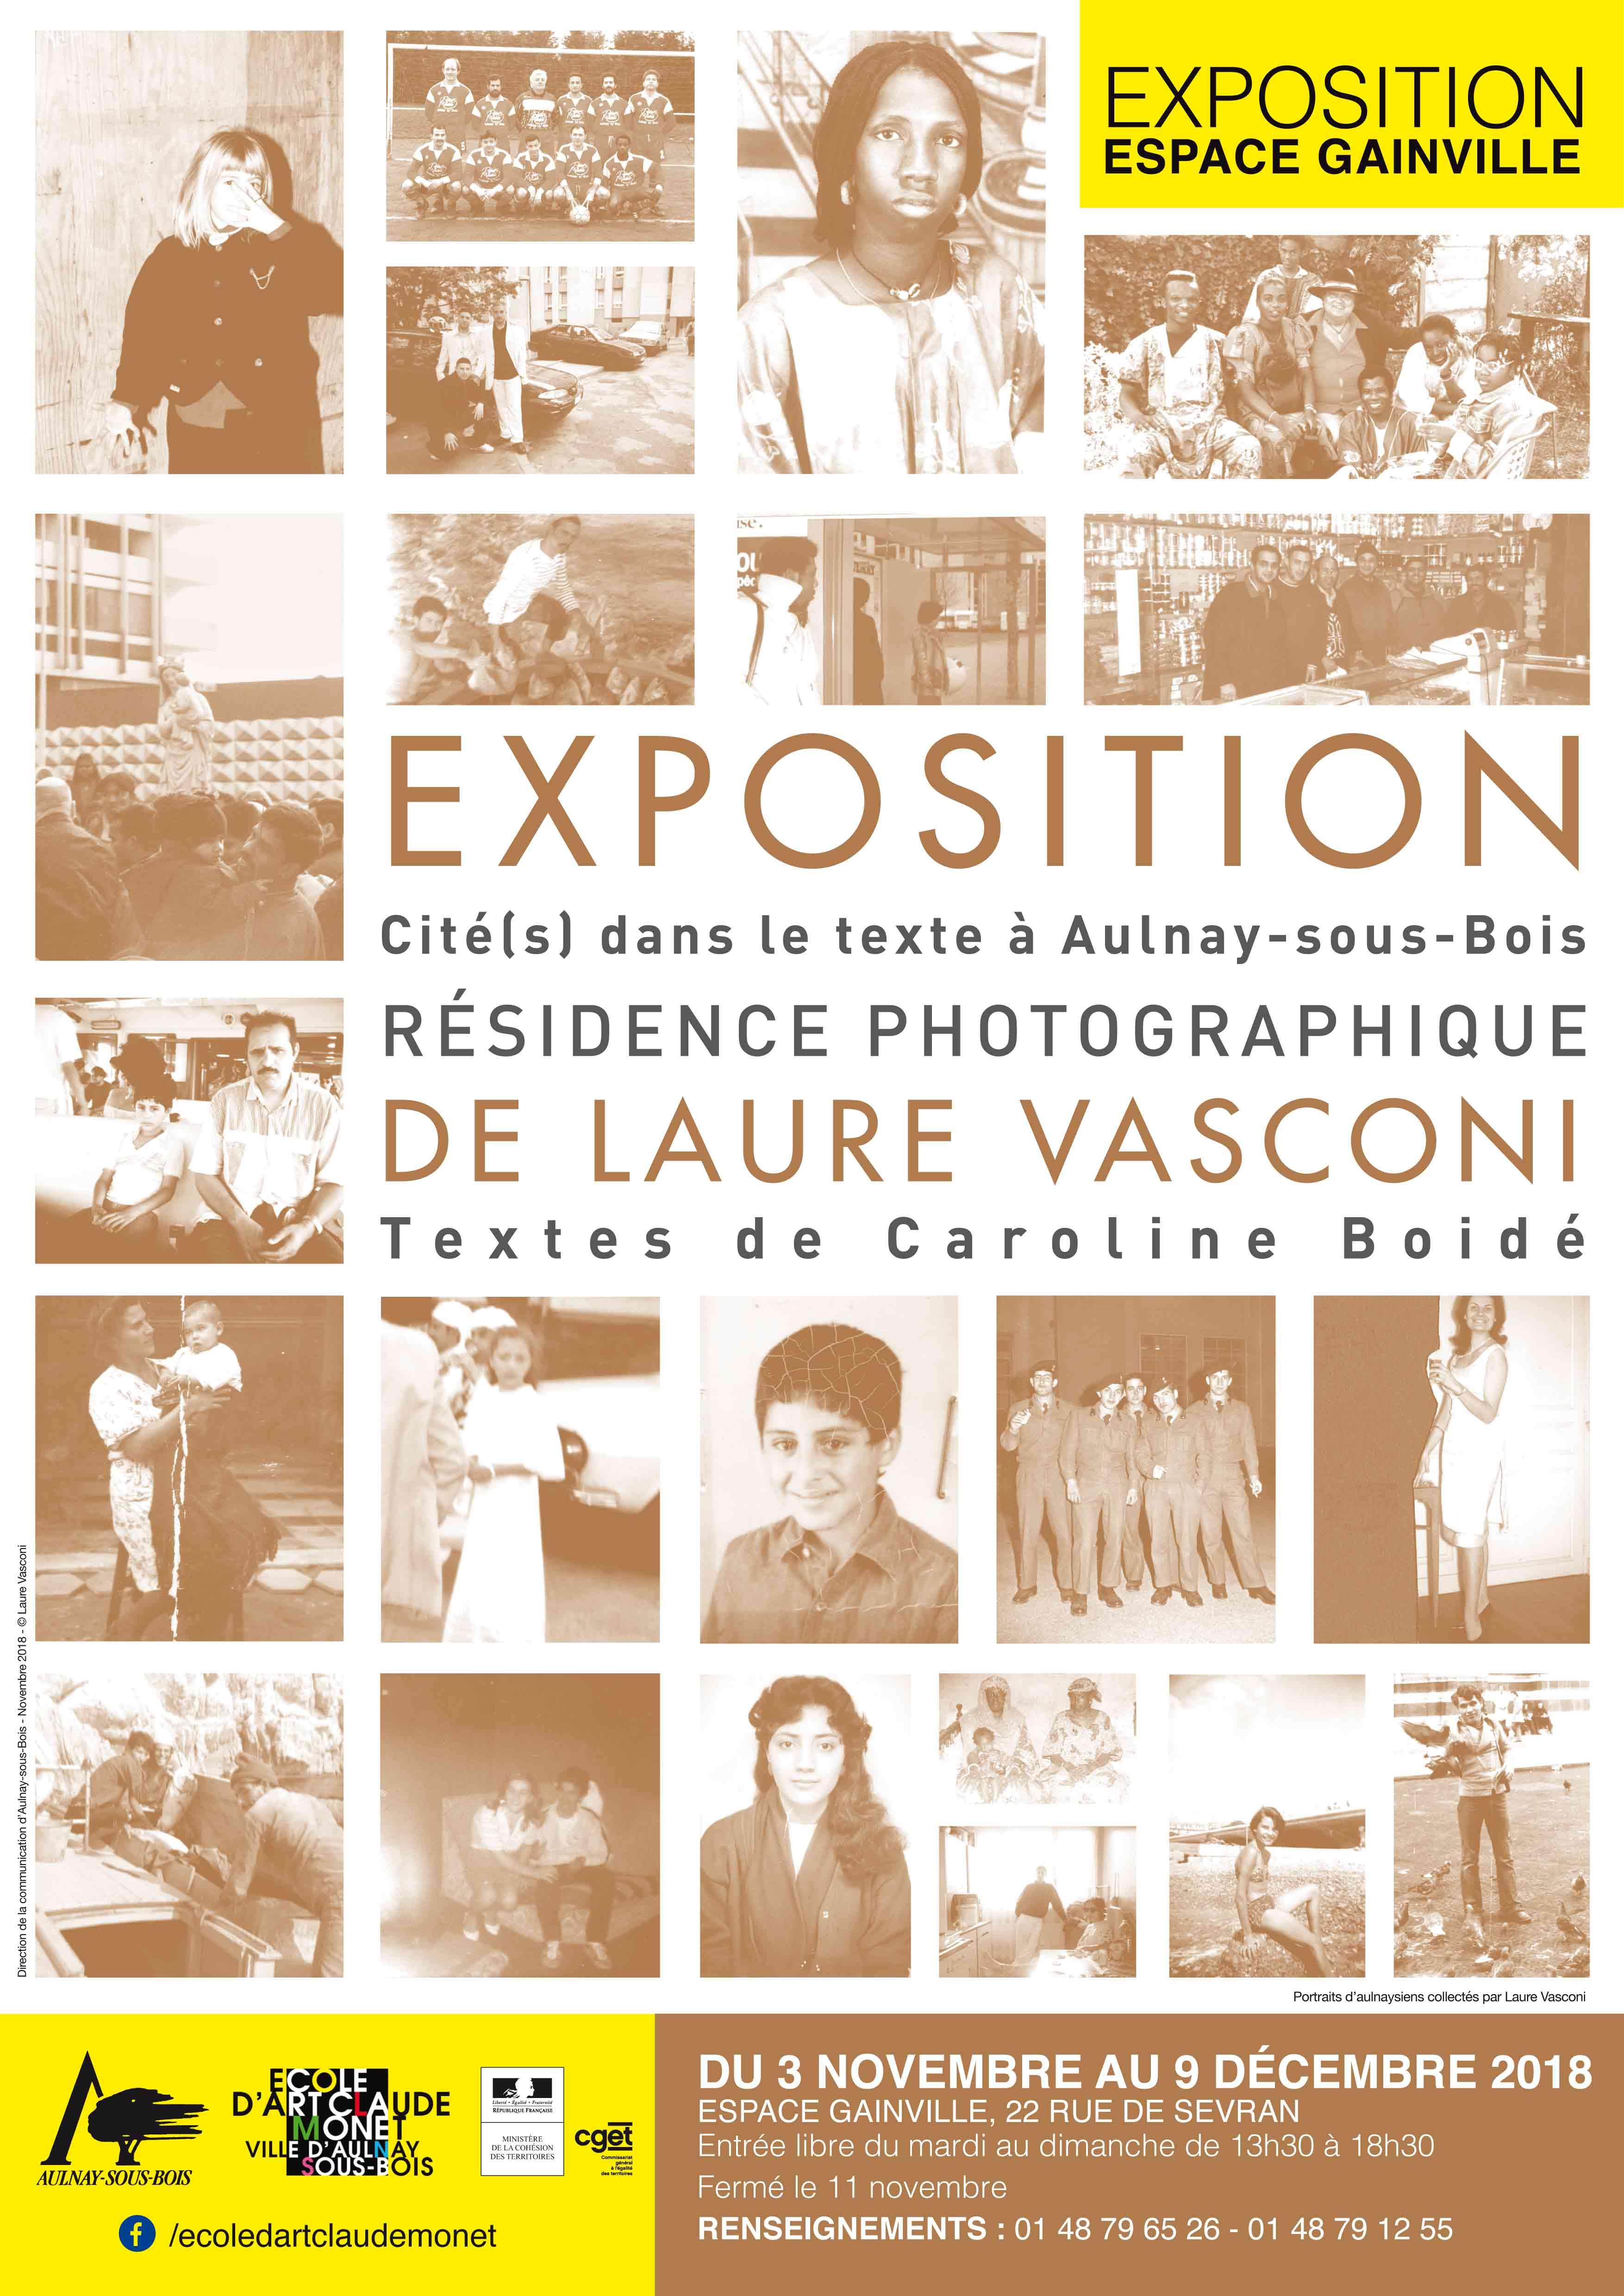 Affiche de l'exposition Laure Vasconi présentant des photos anciennes en SEPIA